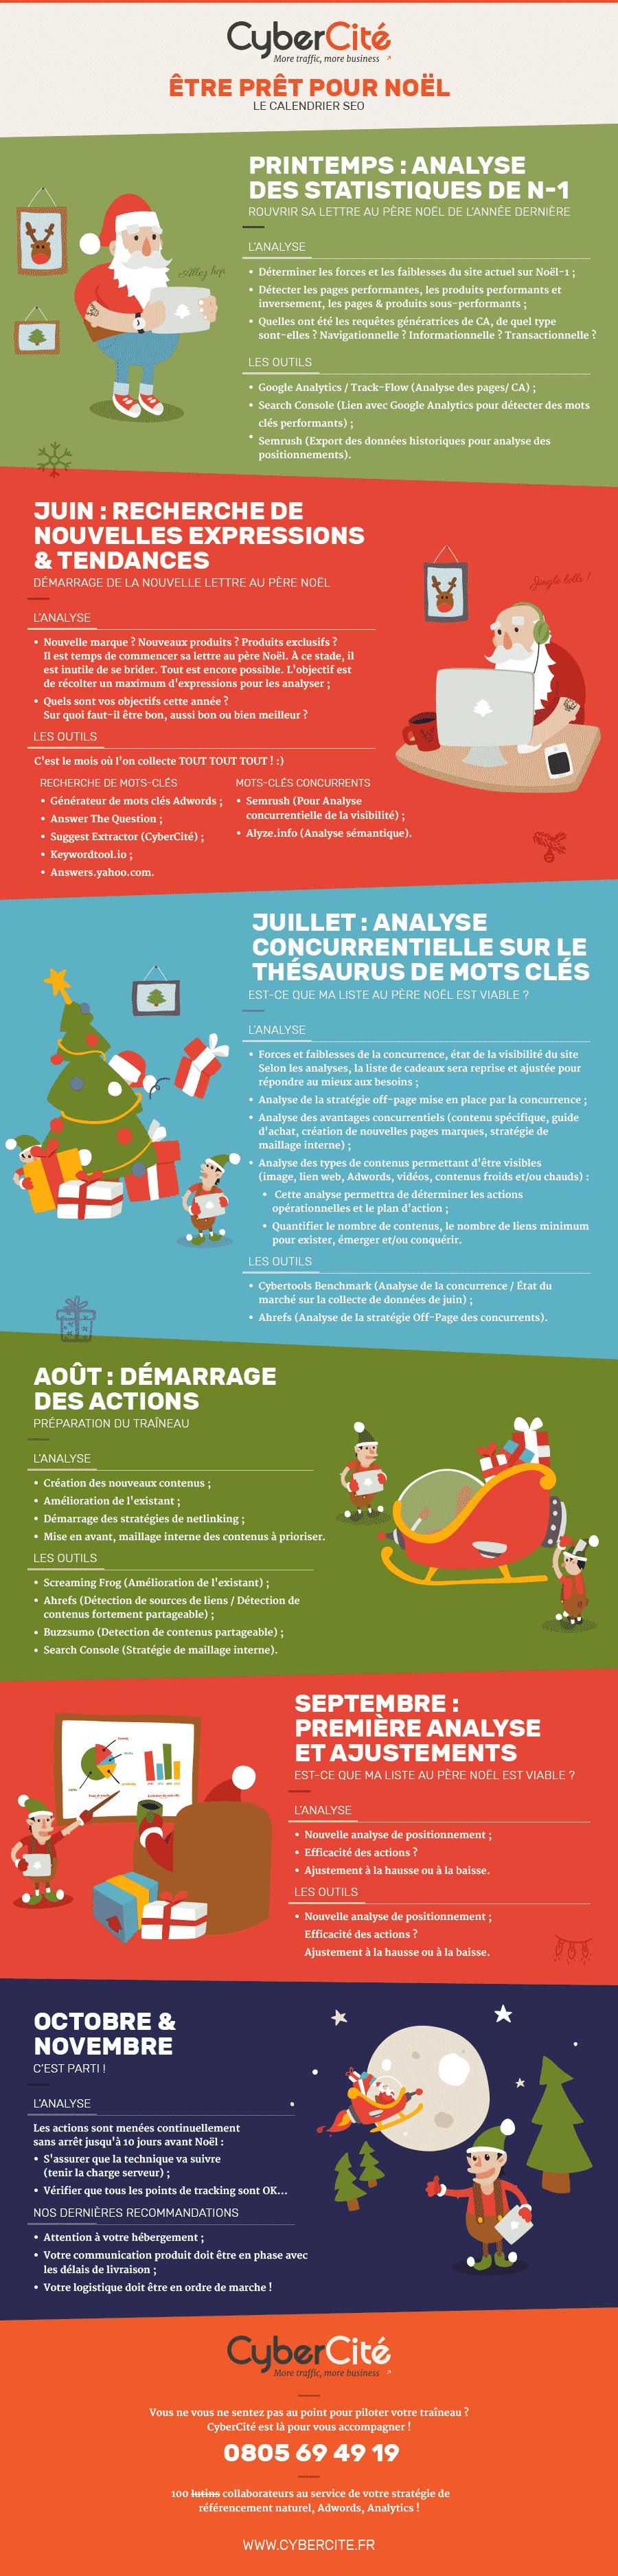 Calendrier des actions à mener pour que votre référencement soit optimum pour les fêtes de Noël